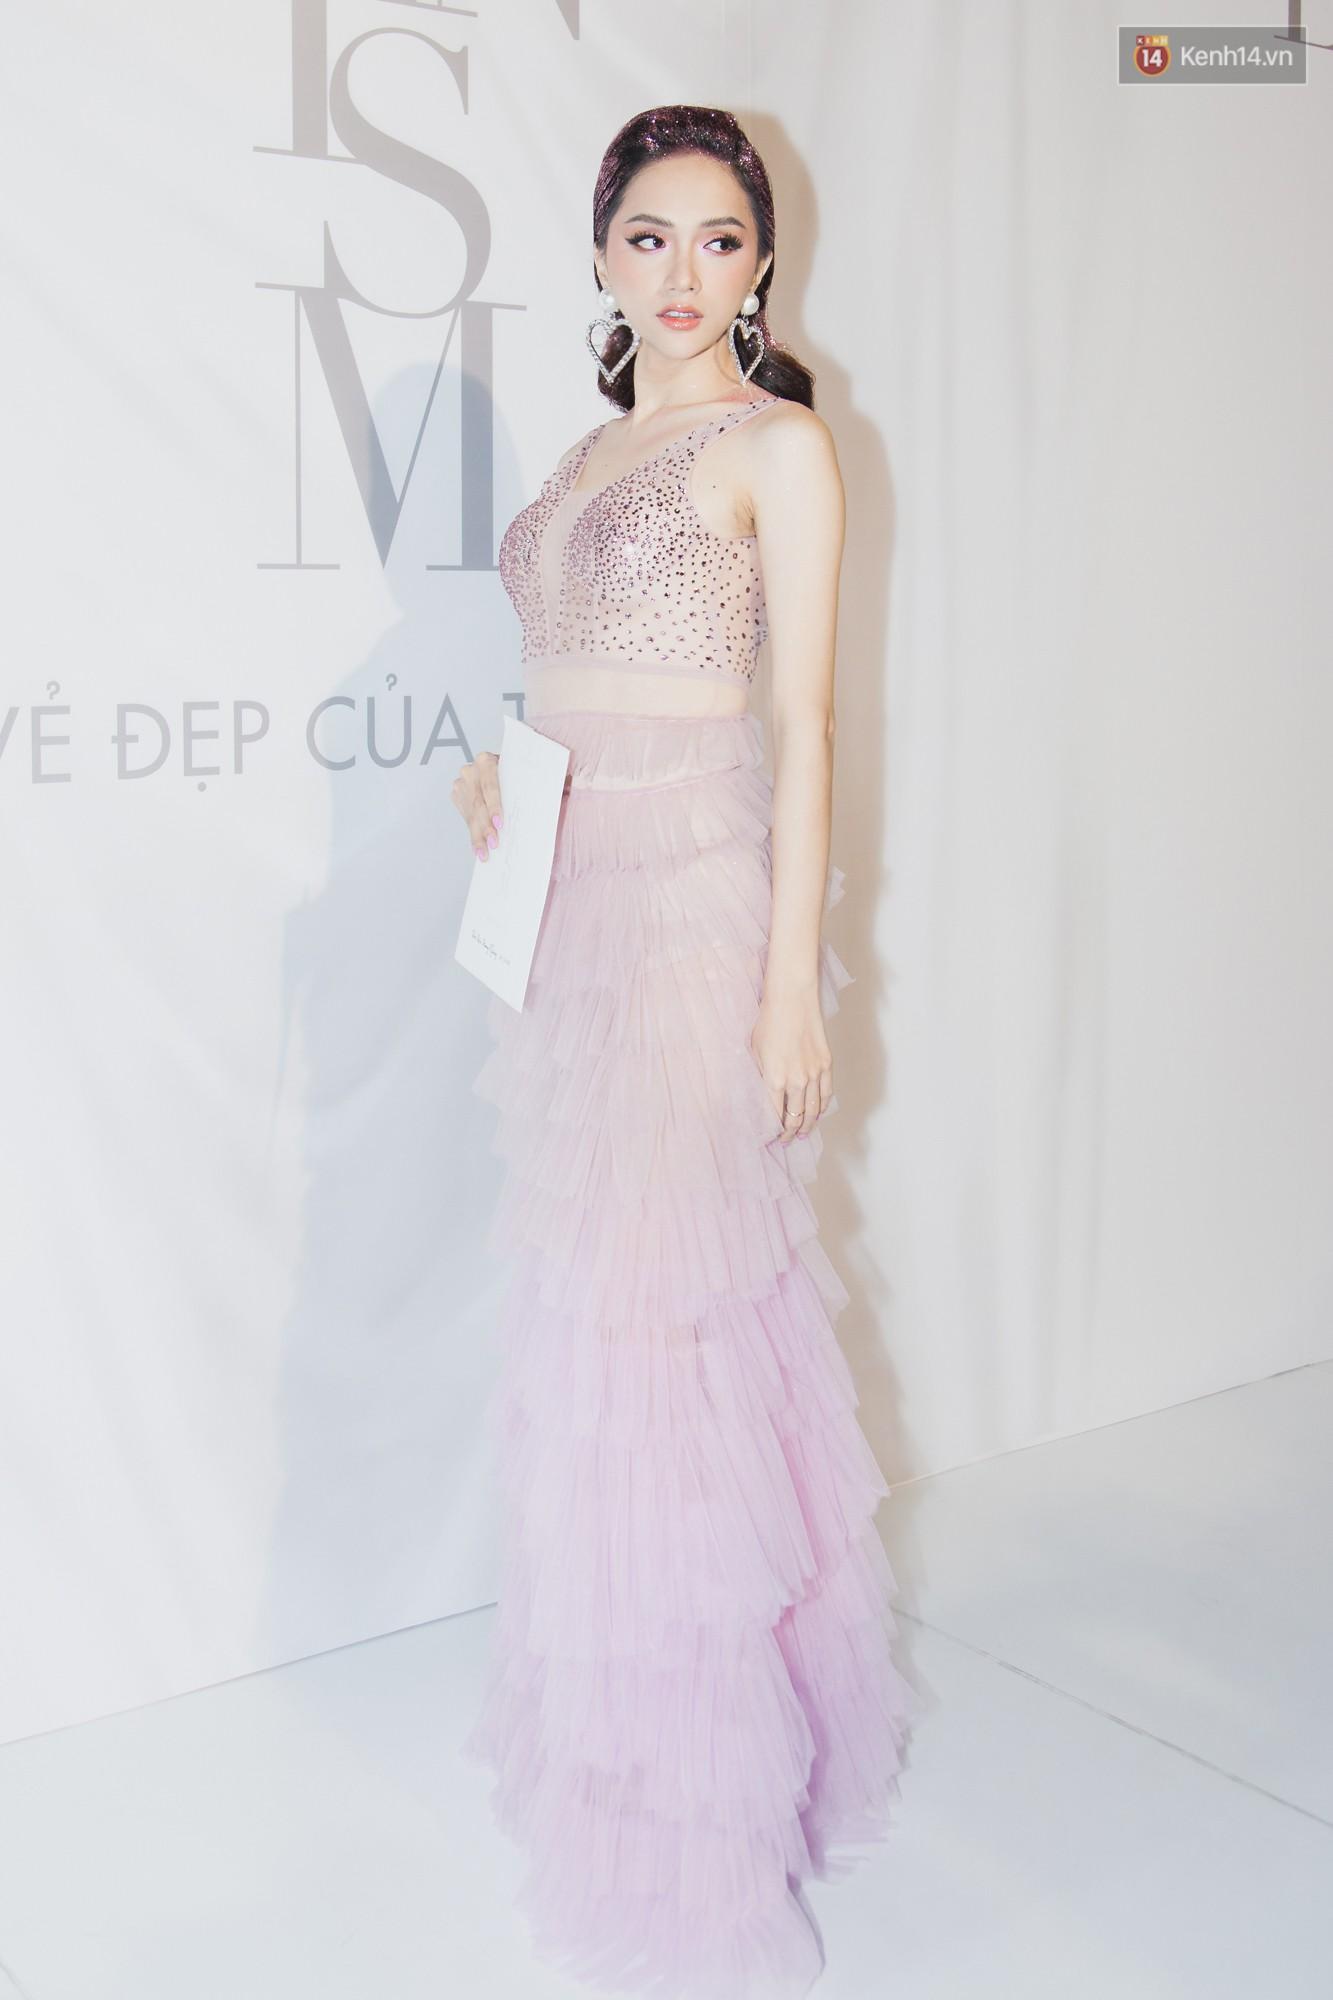 Spotlight thảm đỏ của NTK Lý Quí Khánh: Khi Hòa Minzy trông còn Hoa hậu hơn cả Hoa hậu Tiểu Vy - Ảnh 10.